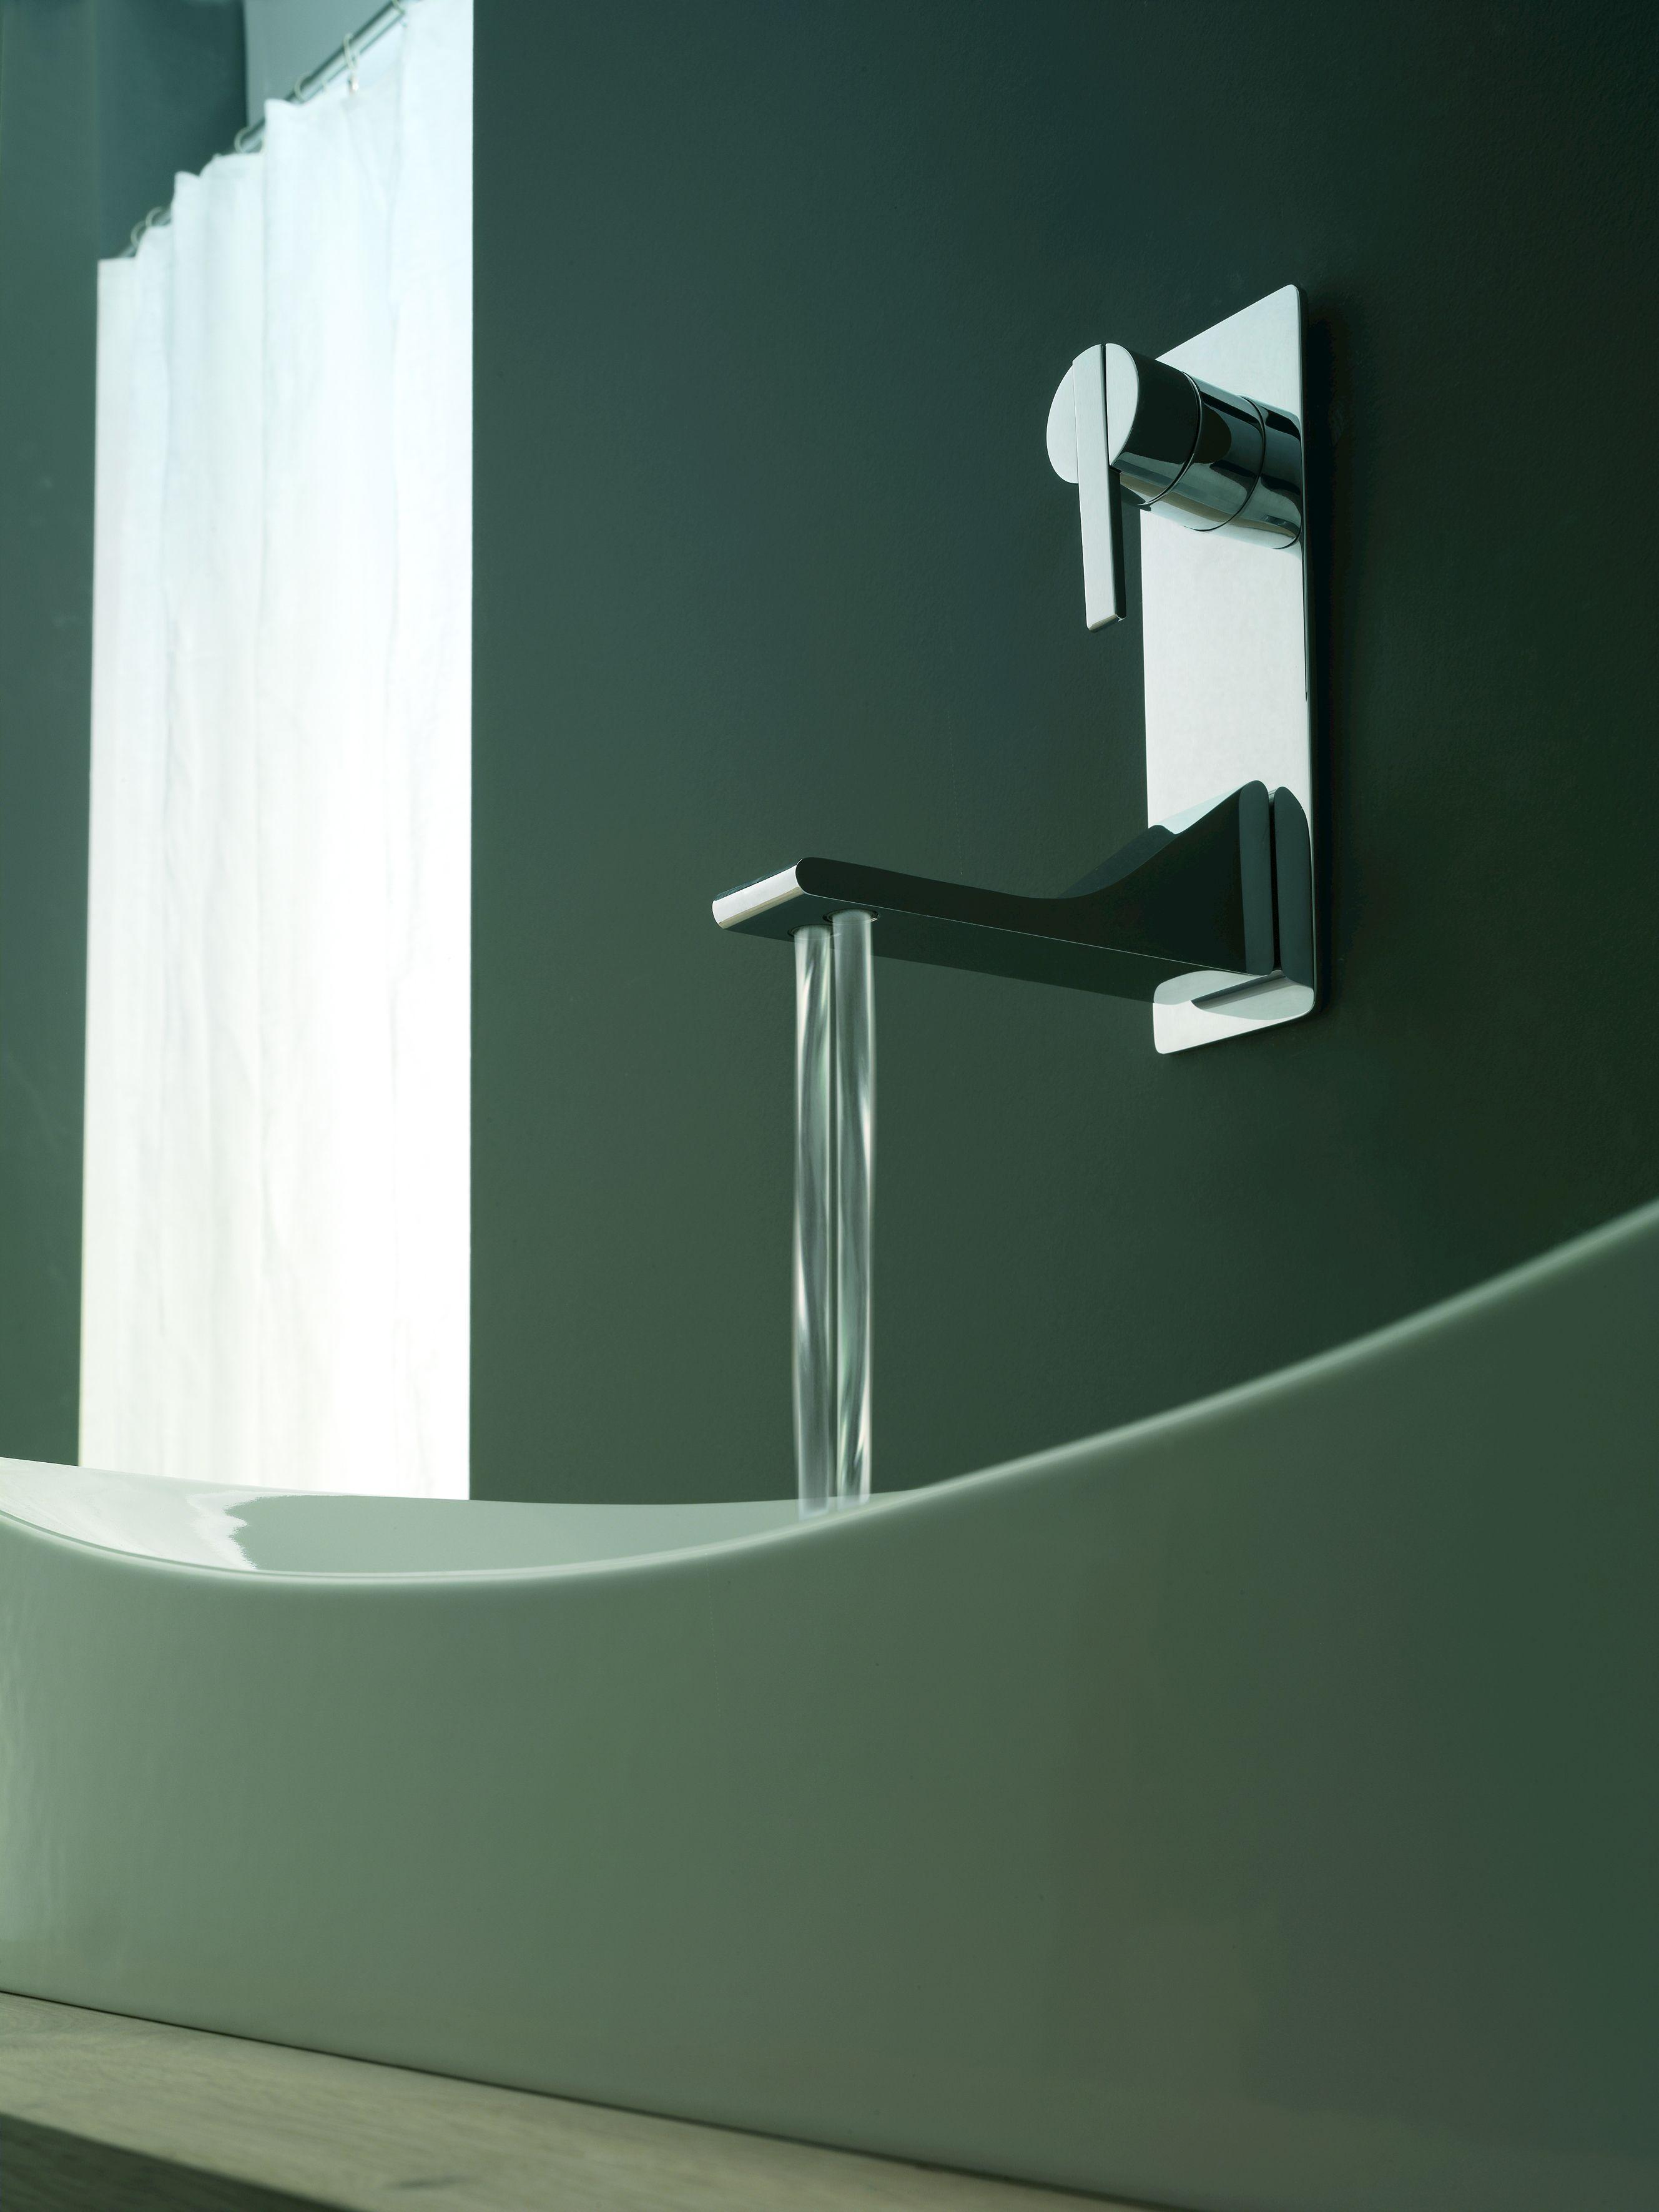 Rubinetto per lavabo a muro monocomando con piastra serie for Rubinetto bagno a muro